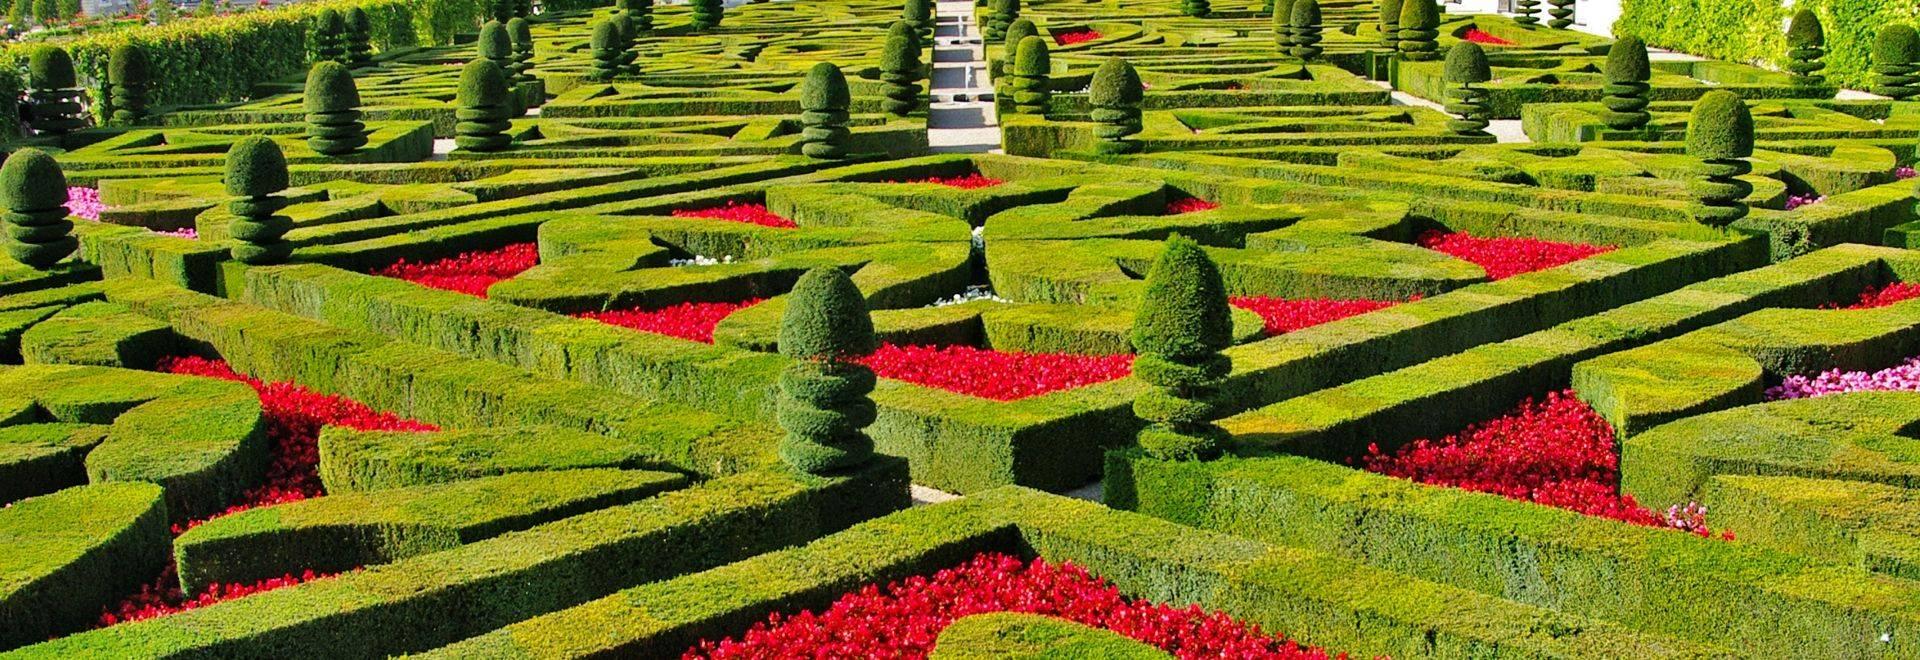 Shutterstock 110320163 Beautiful Villandry Chateau   MAIN